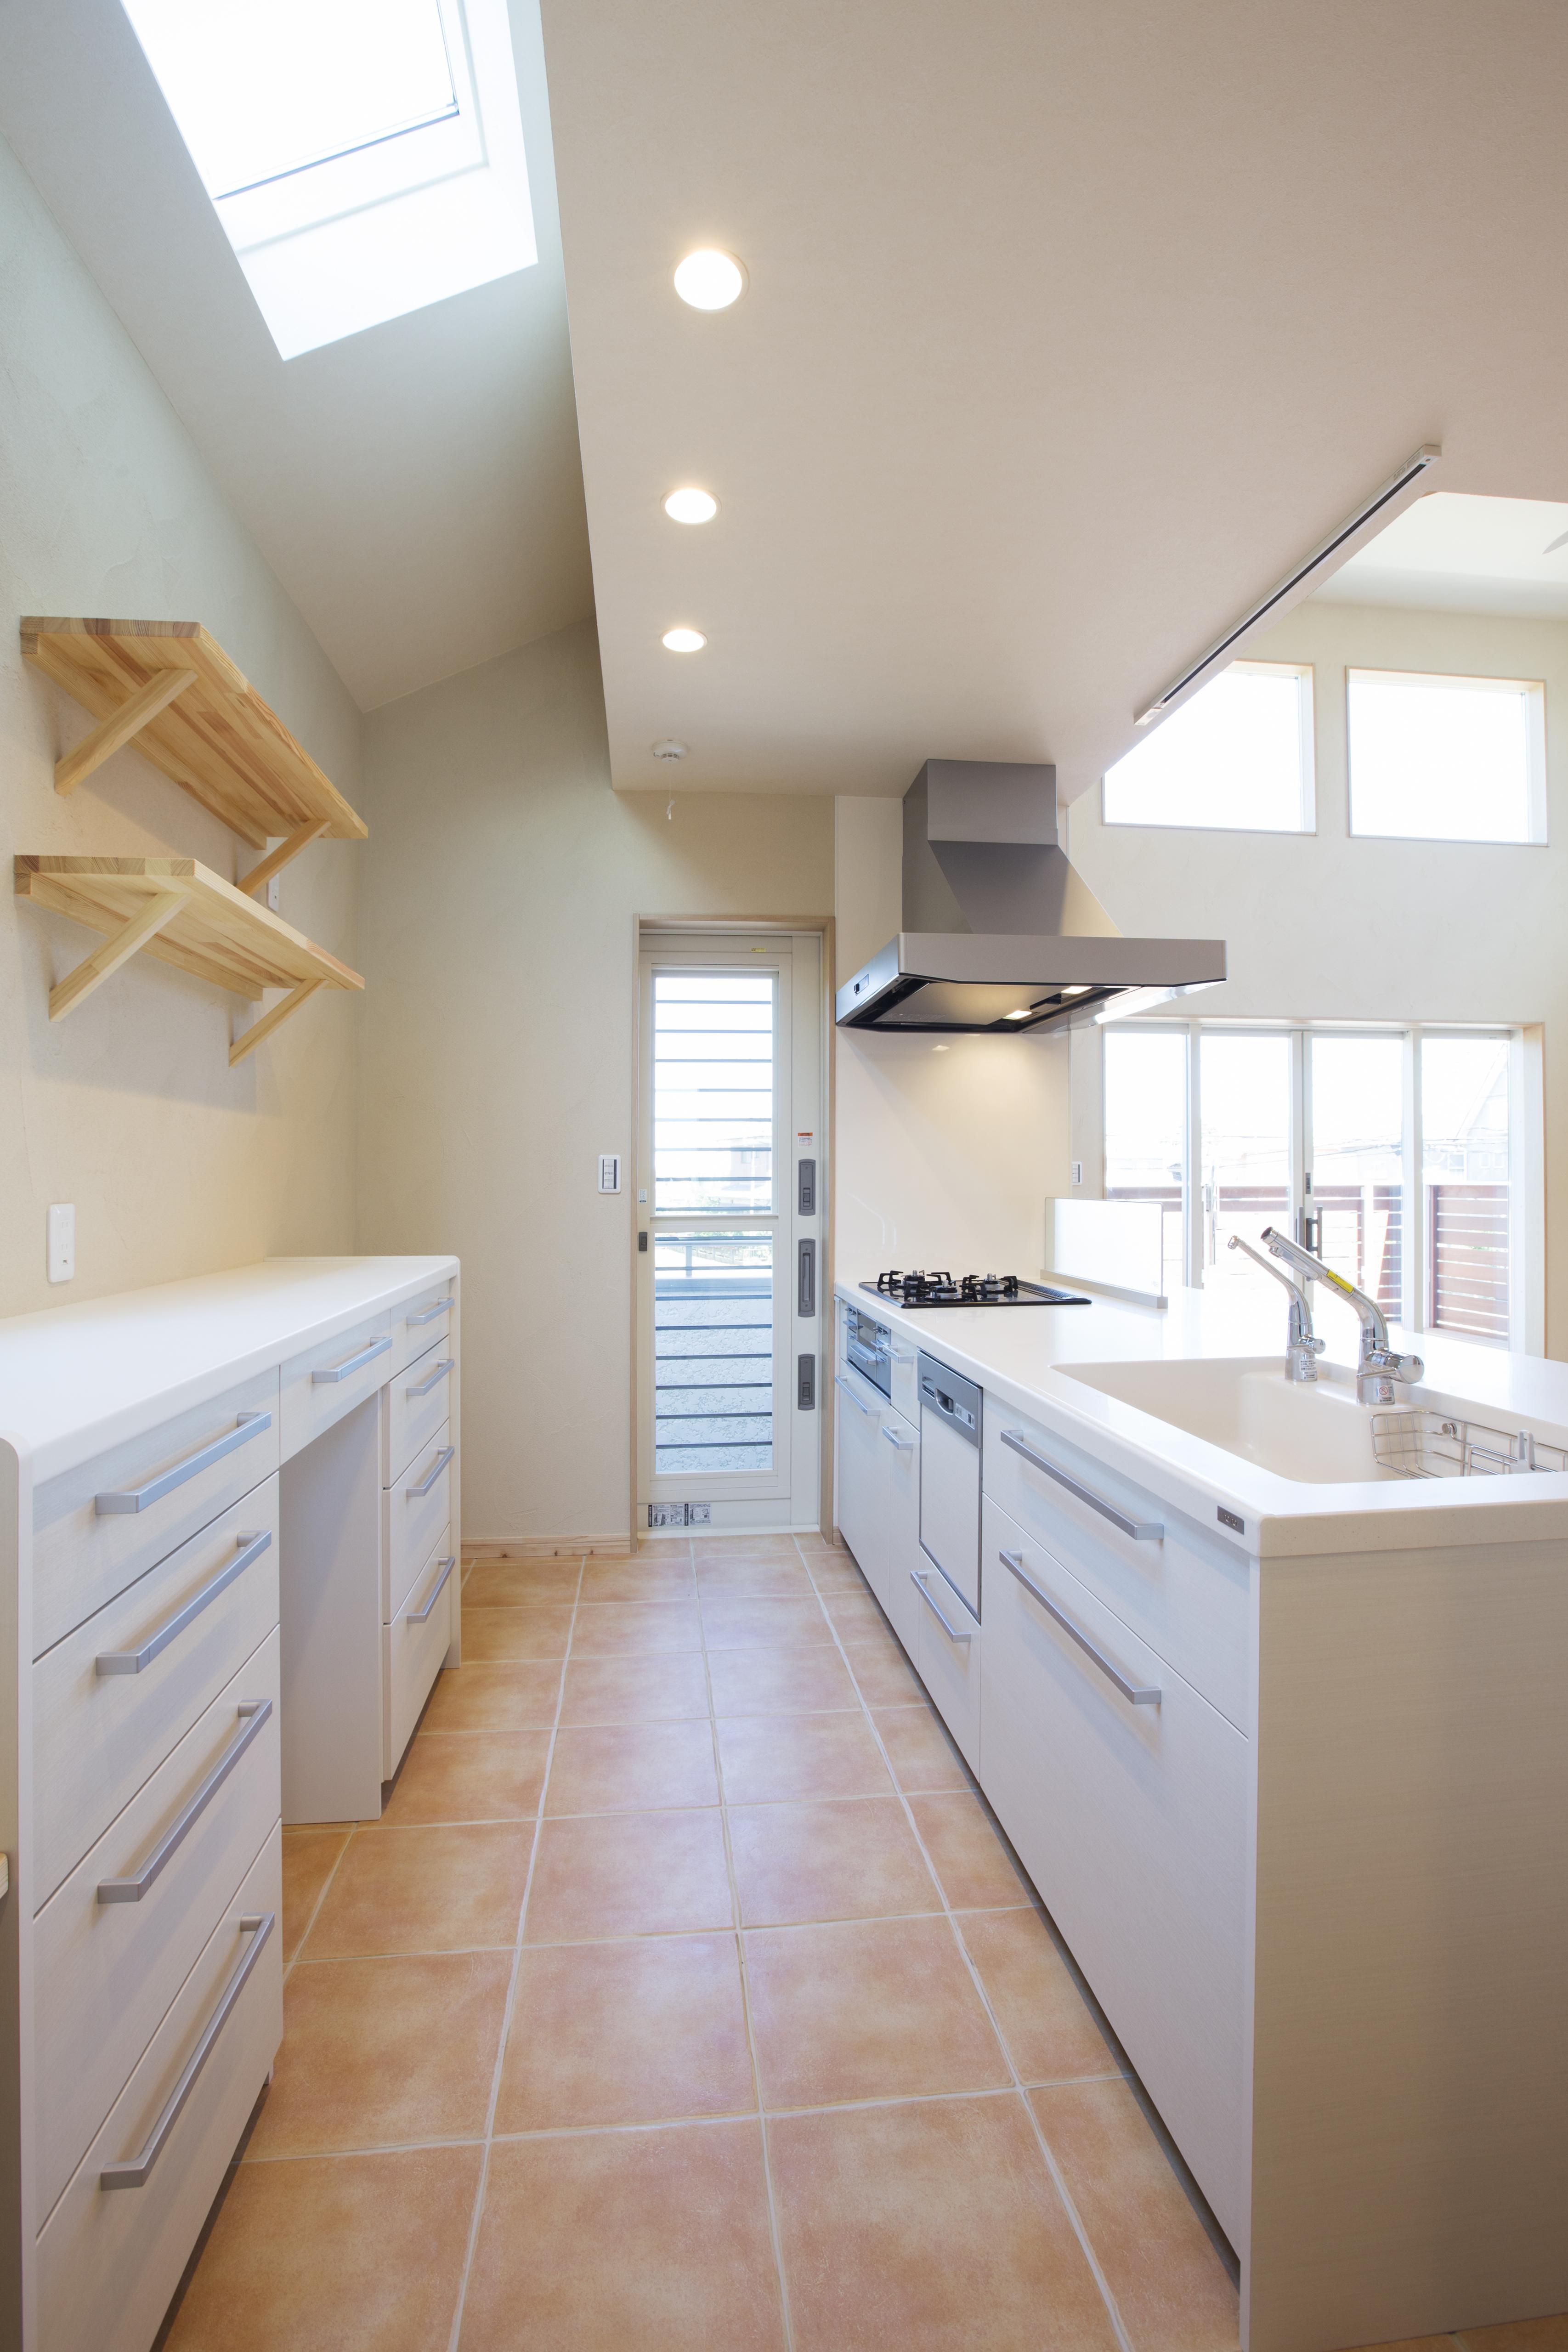 スッキリした雰囲気のキッチン。奥の扉の先は小さいバルコニー